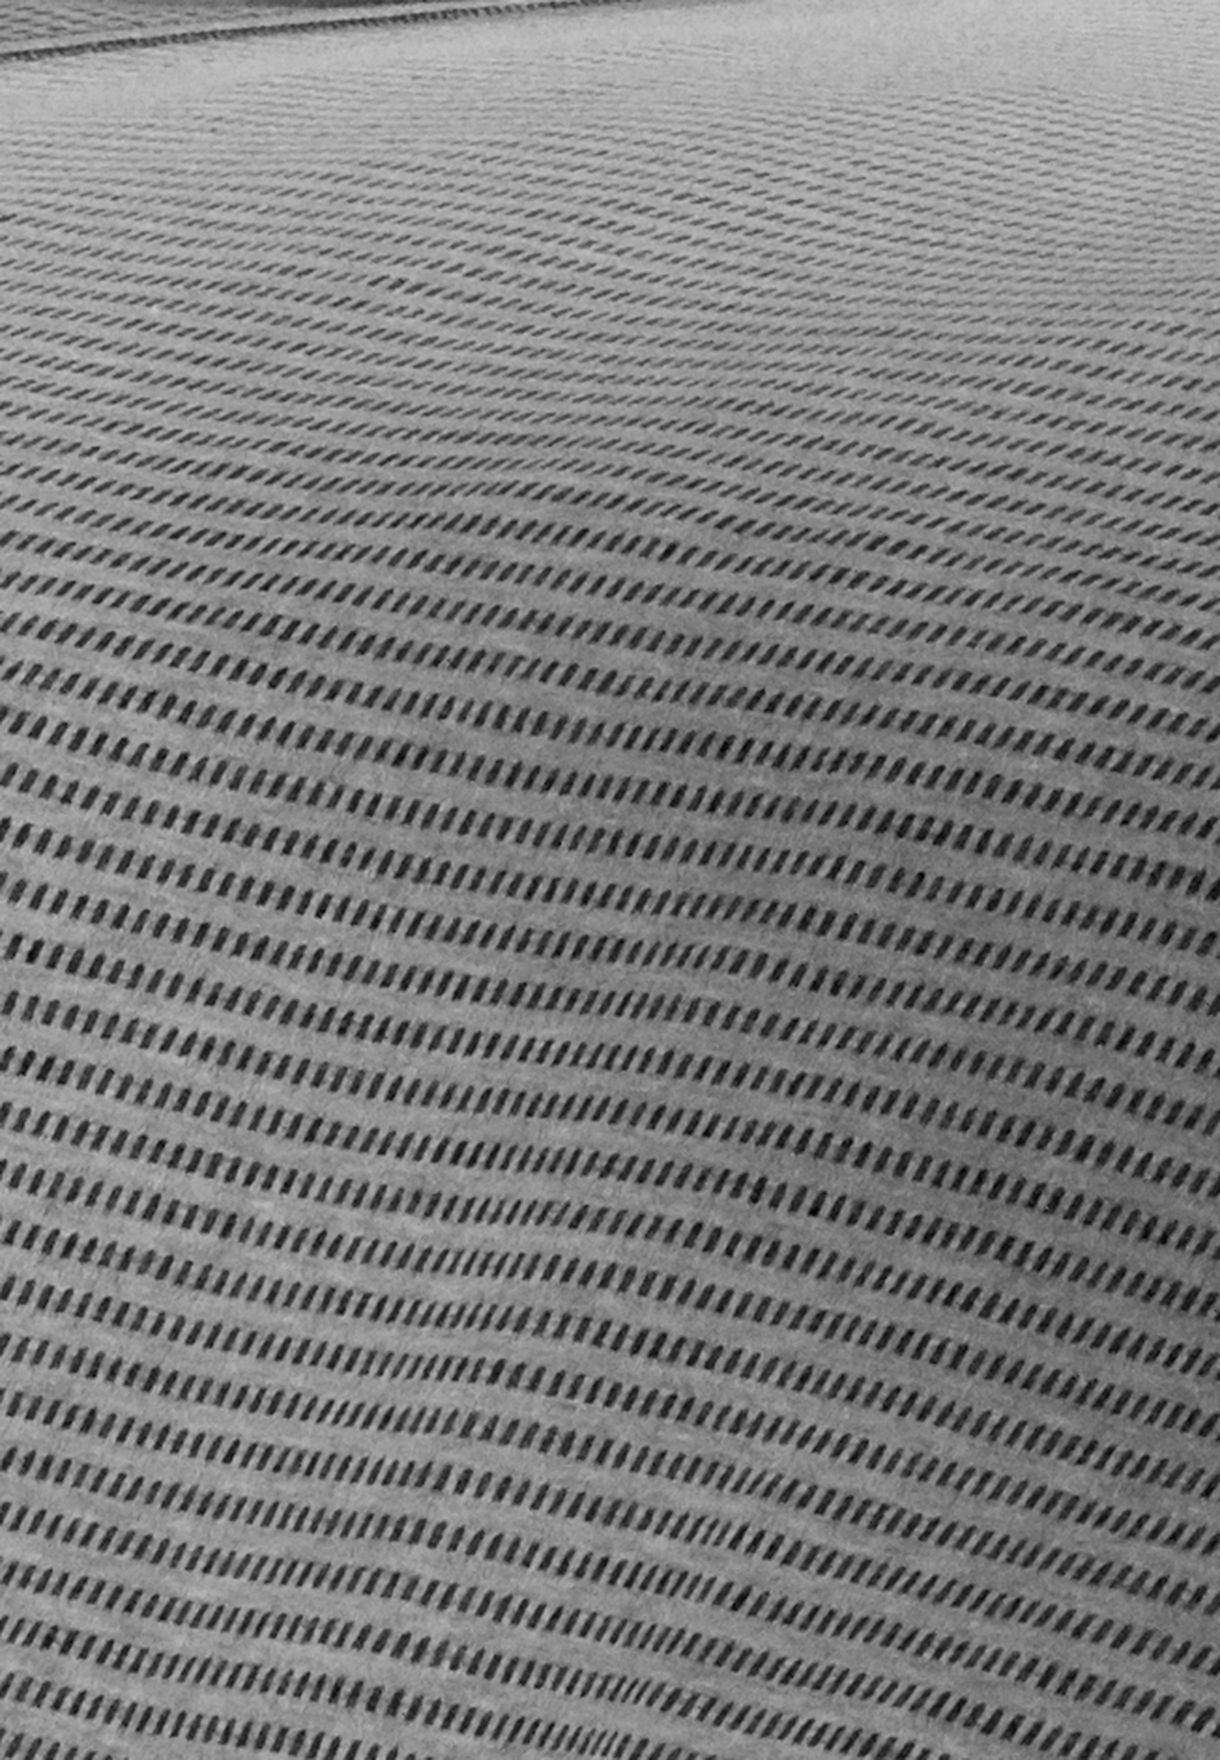 غطاء وسادة  50x75 سم